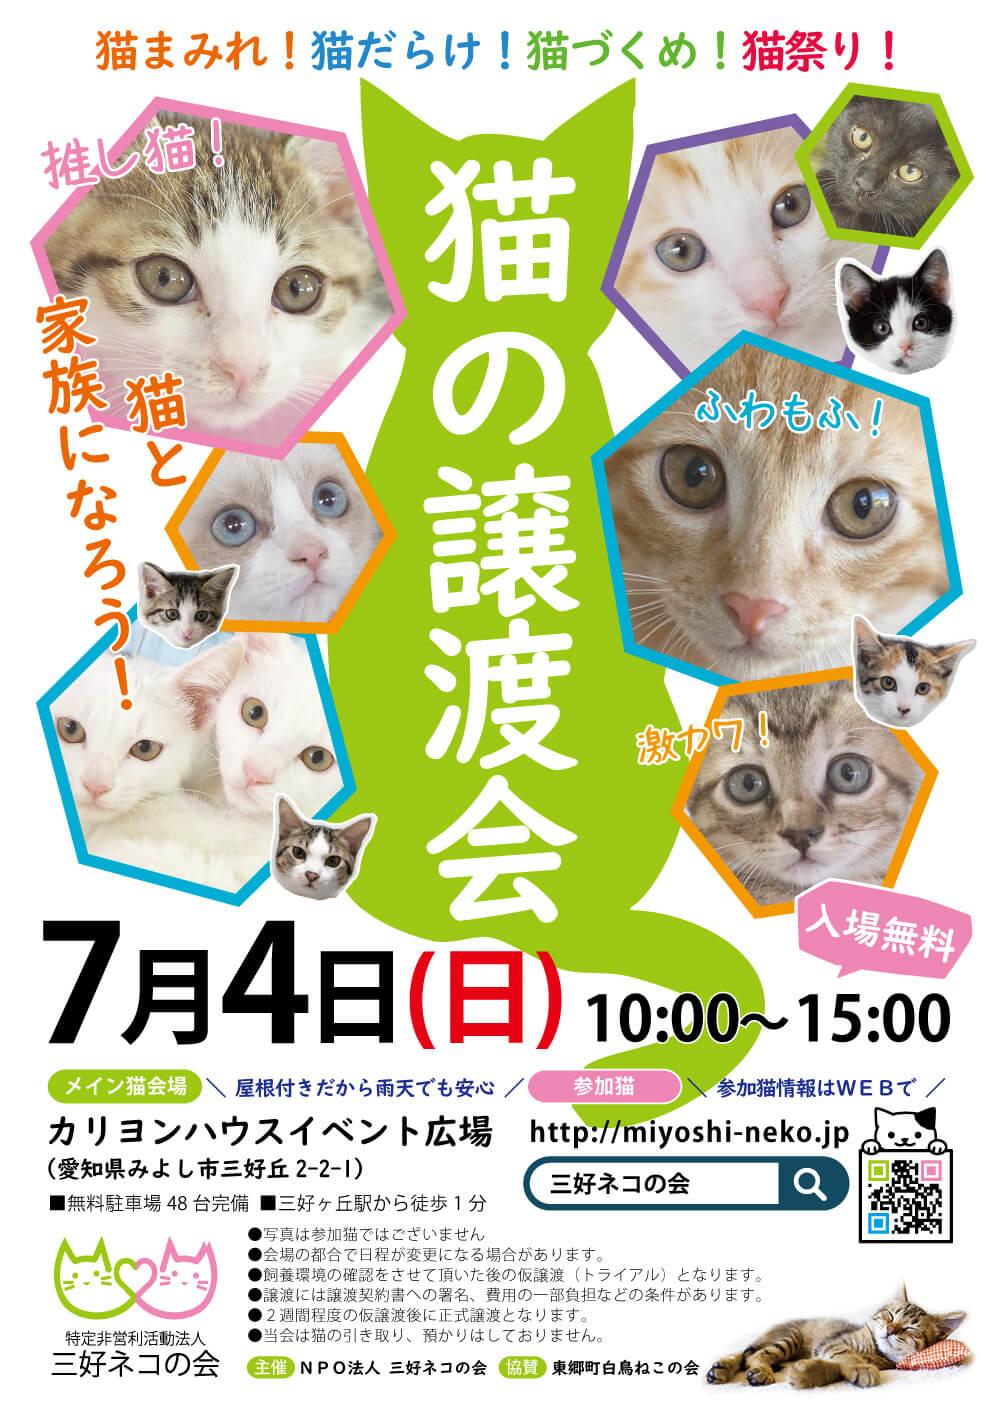 子猫20匹まつり/愛知県みよし市